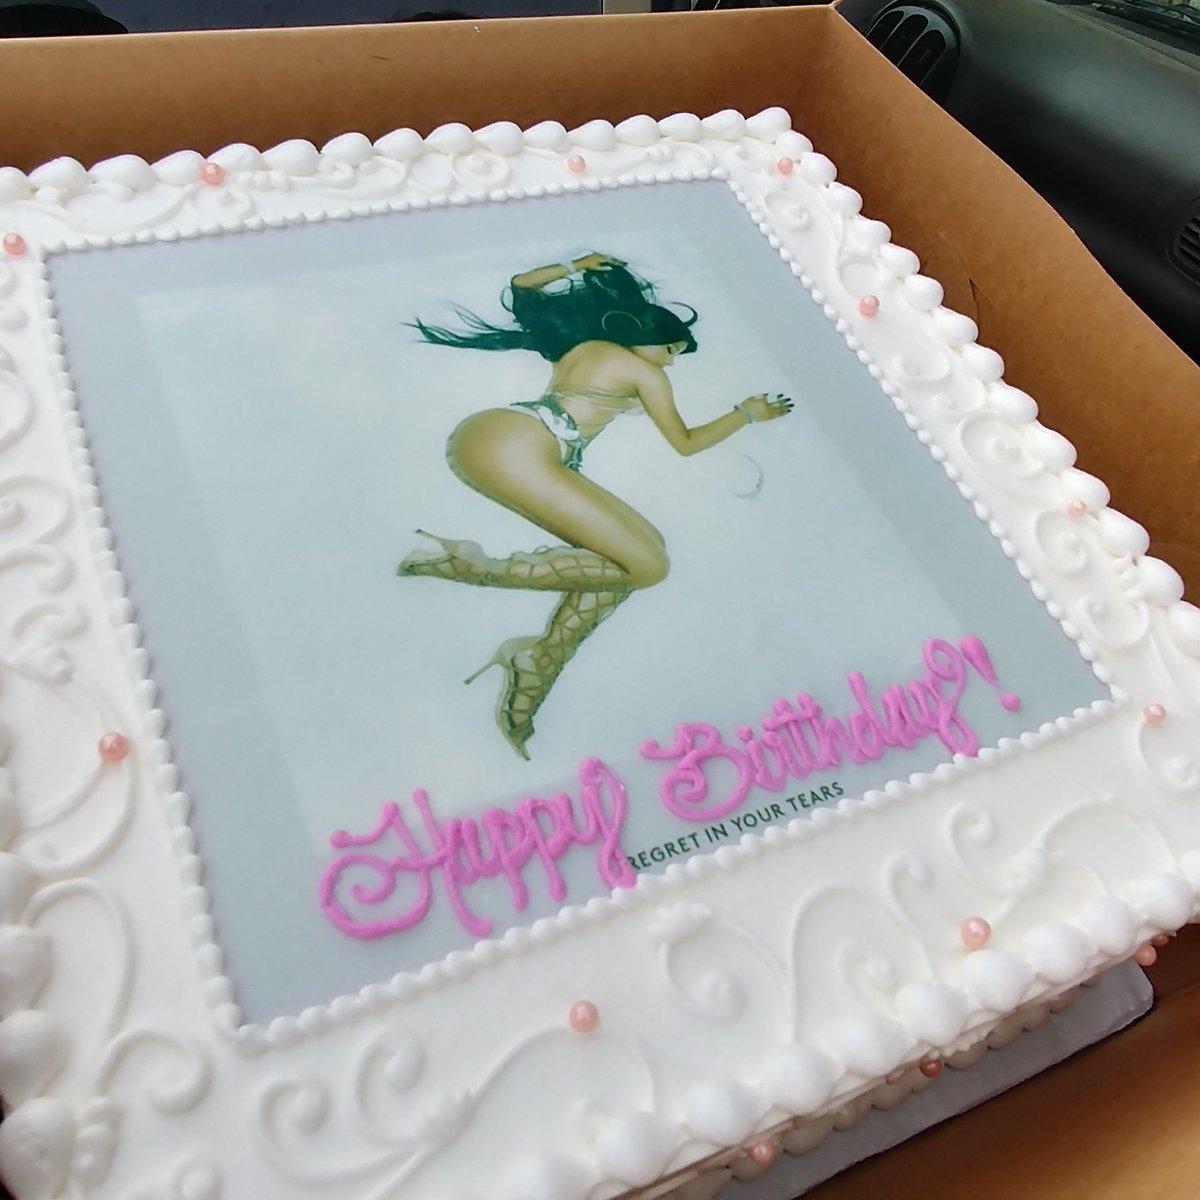 Arnold Byrd On Twitter My Daughter Birthday Cake Of Nicki Minaj